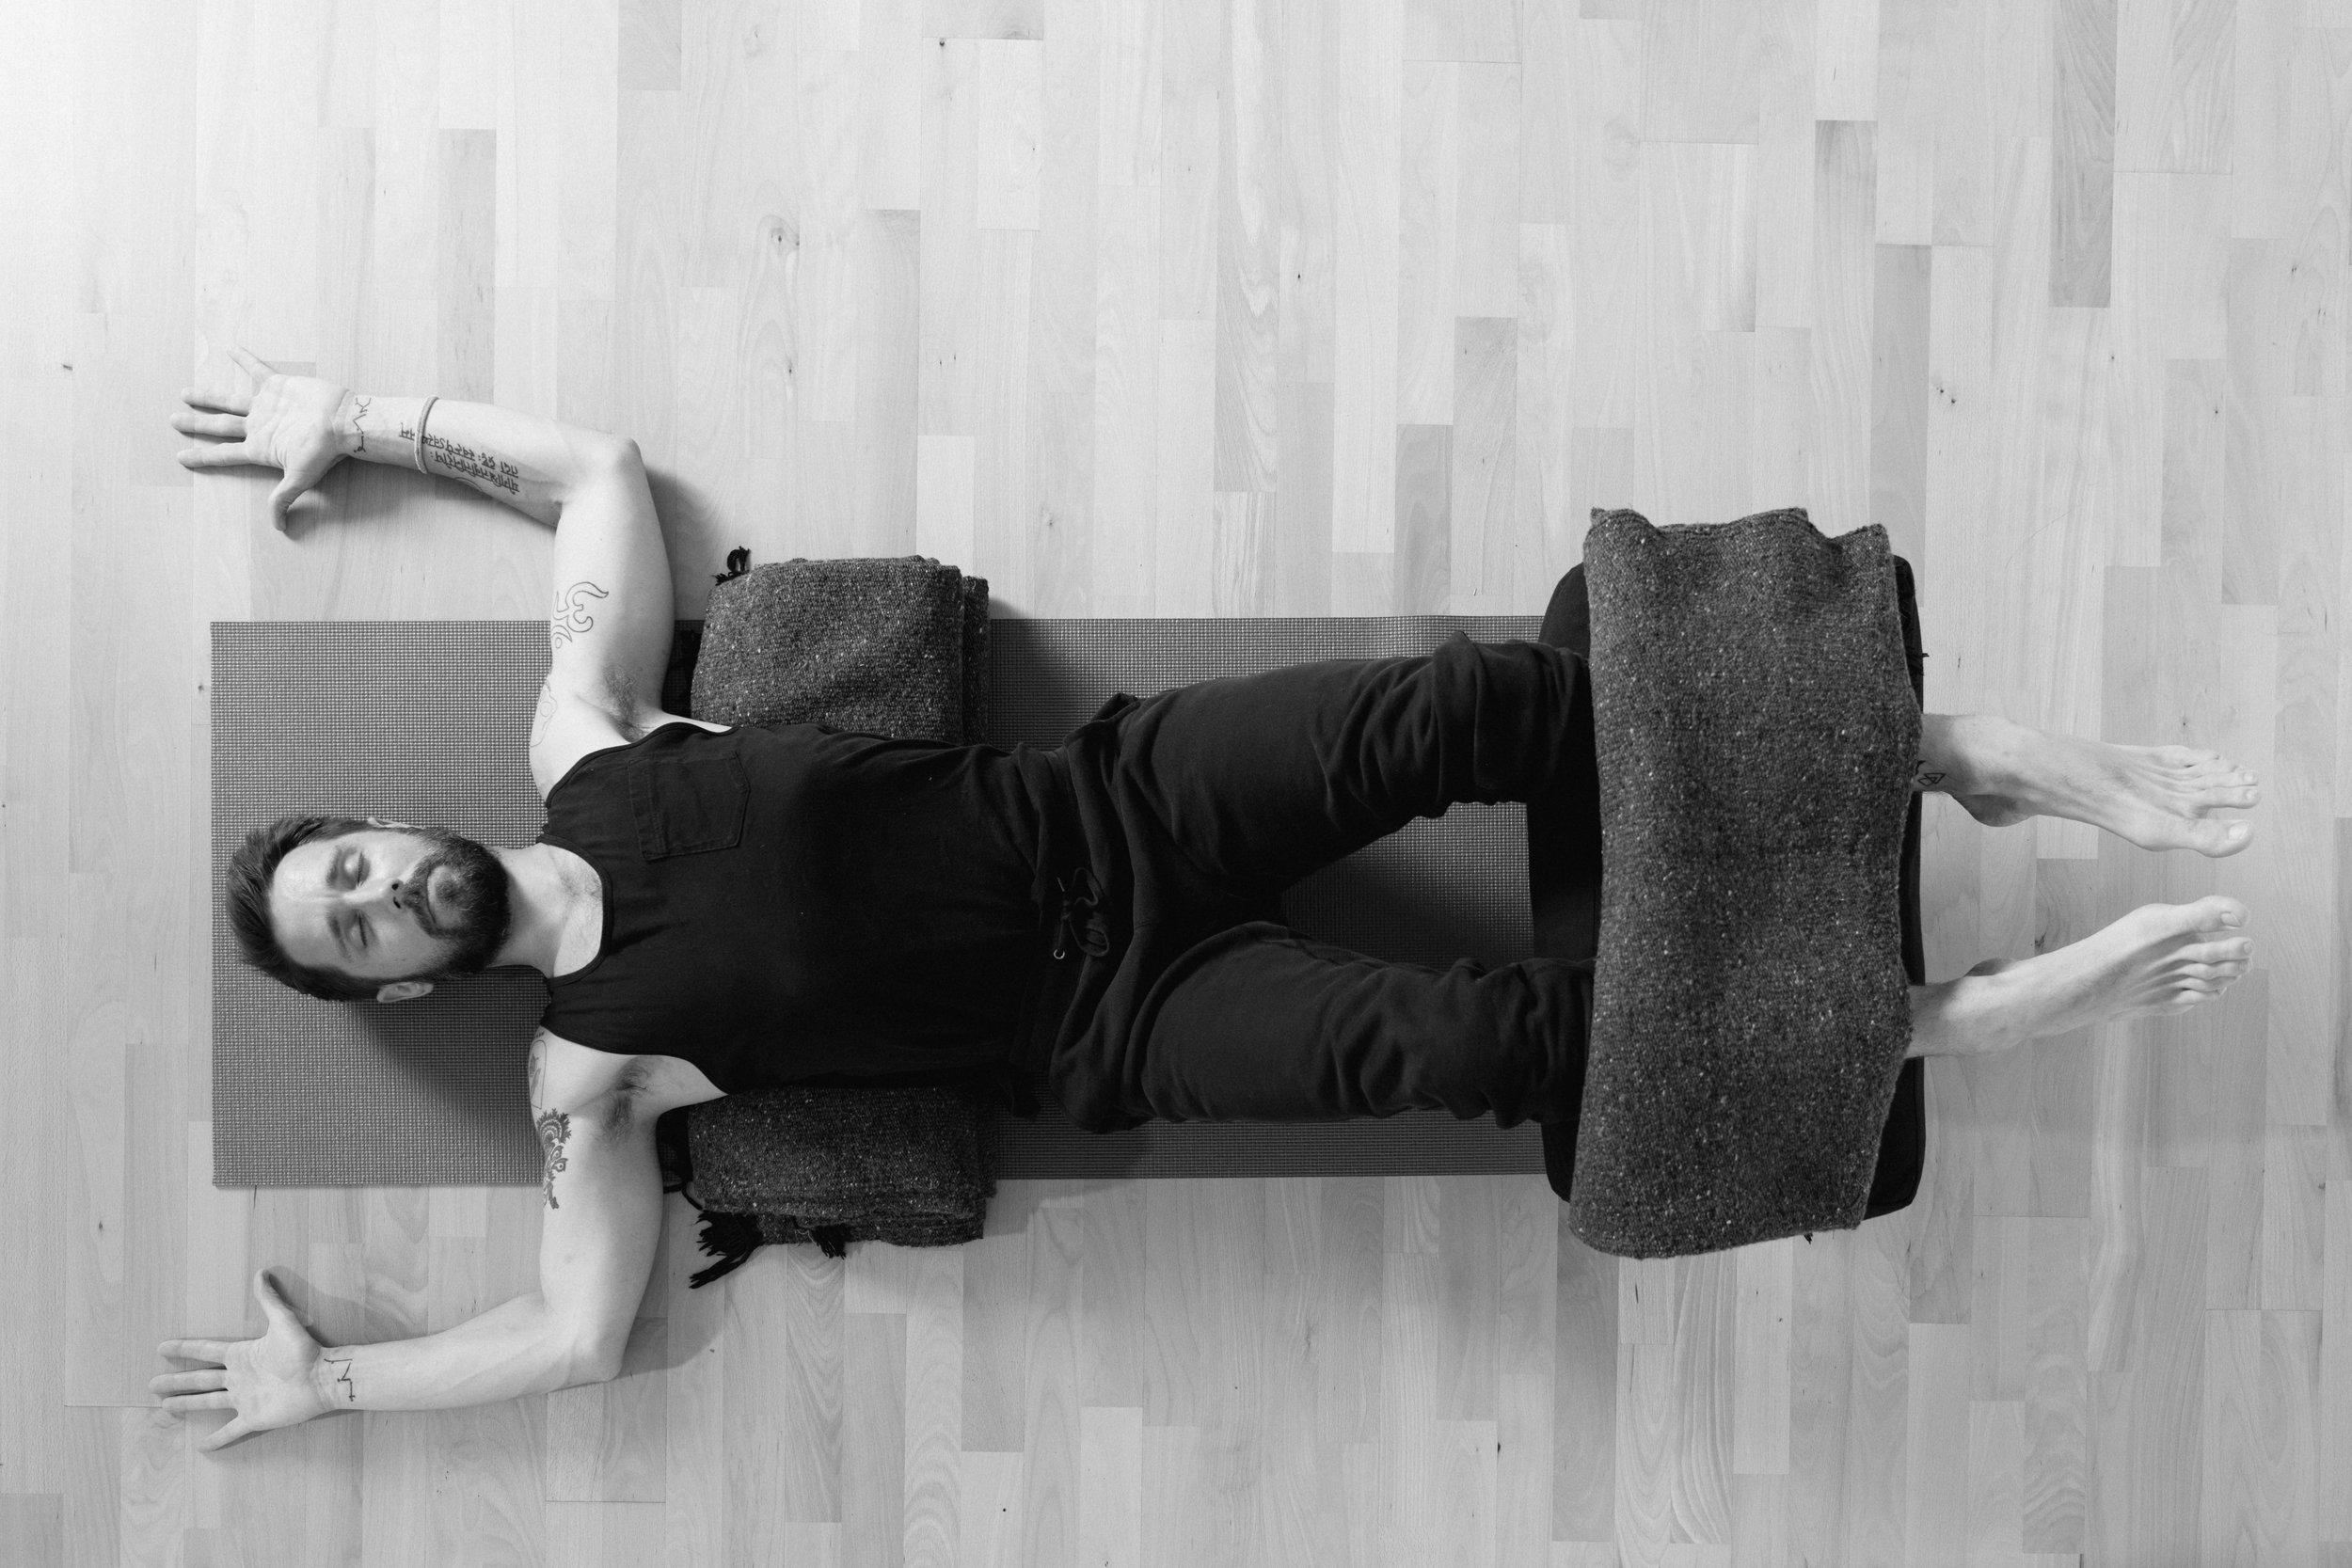 hype_yoga_reamer-89.jpg